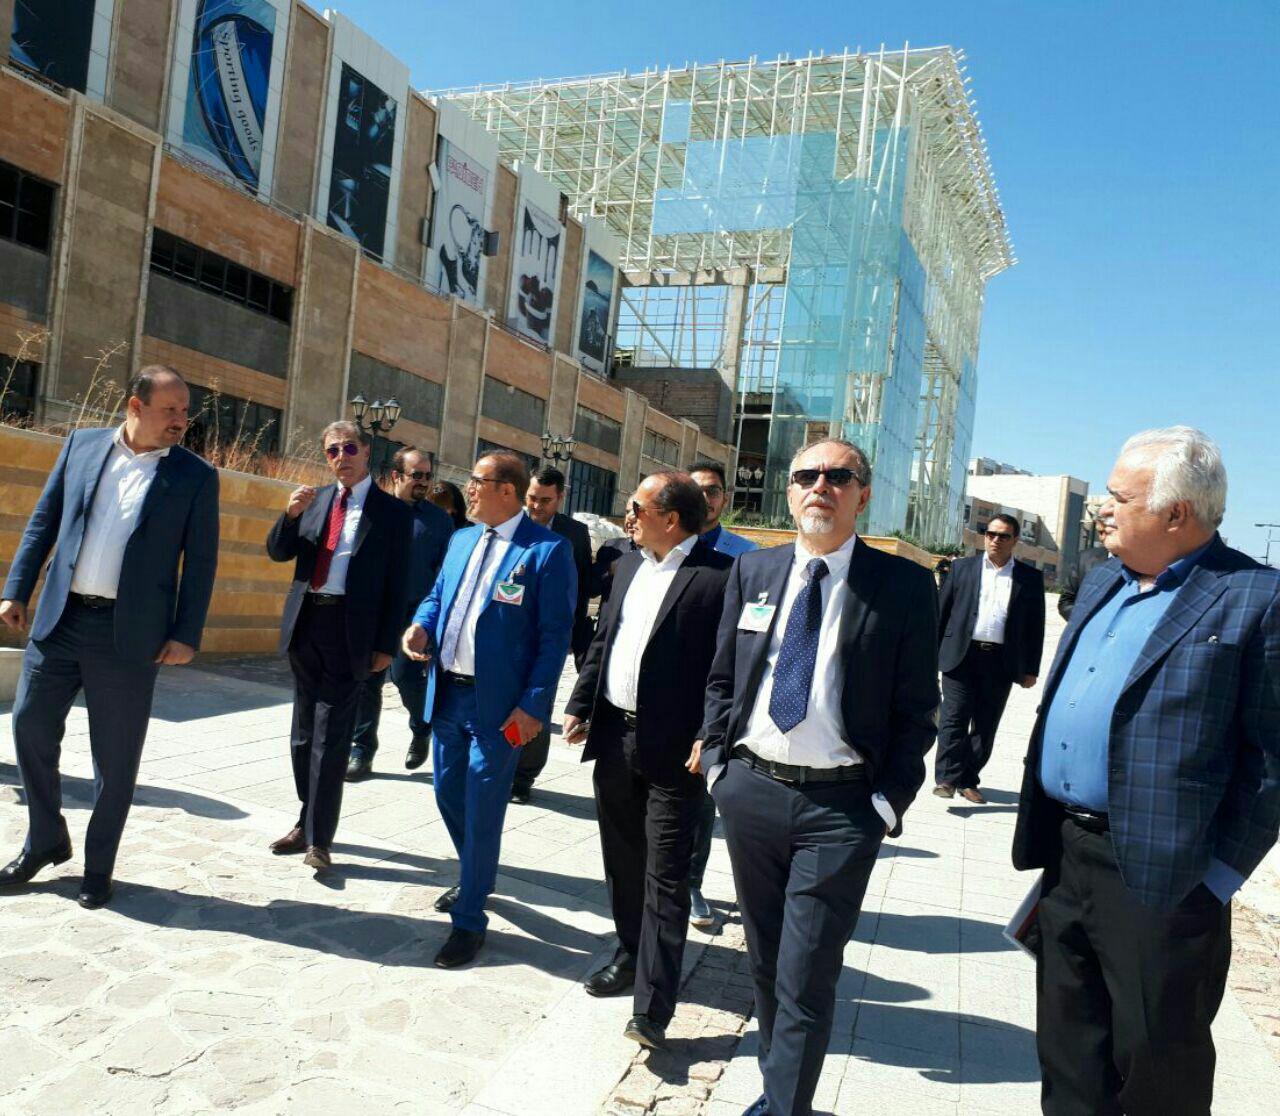 بازدید هیات سرمایه گذار ایتالیایی از مجموعه پدیده شاندیز و برگزاری جلسه مشترک